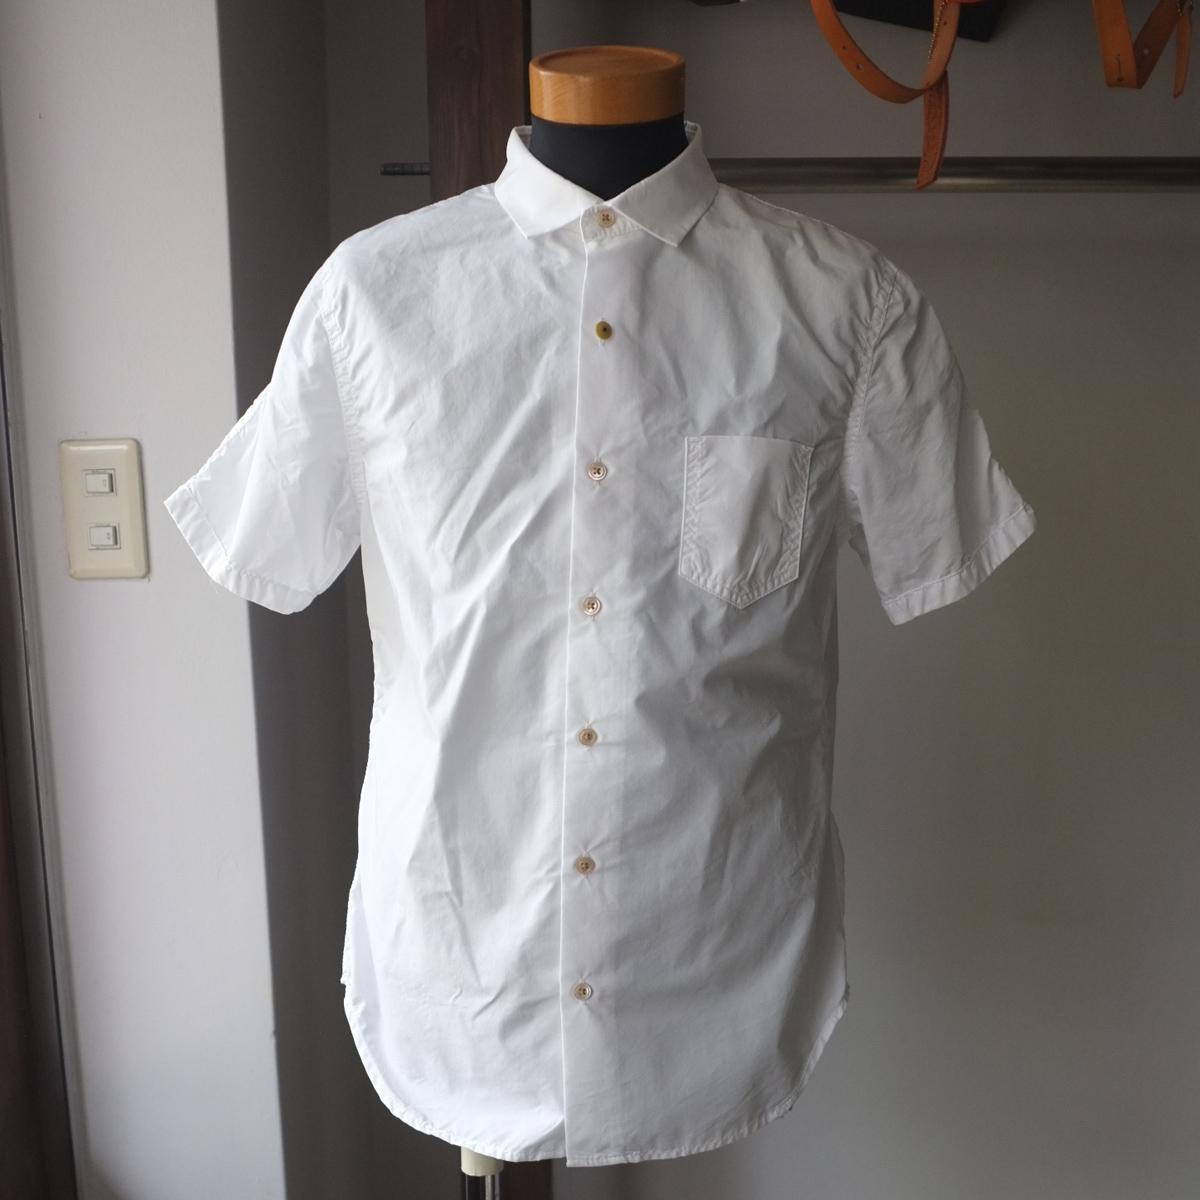 【期間限定ポイント10倍】Re made in tokyo japan アールイー Cotton Nylon Active Shirt コットンナイロンアクティブシャツ  2 colors